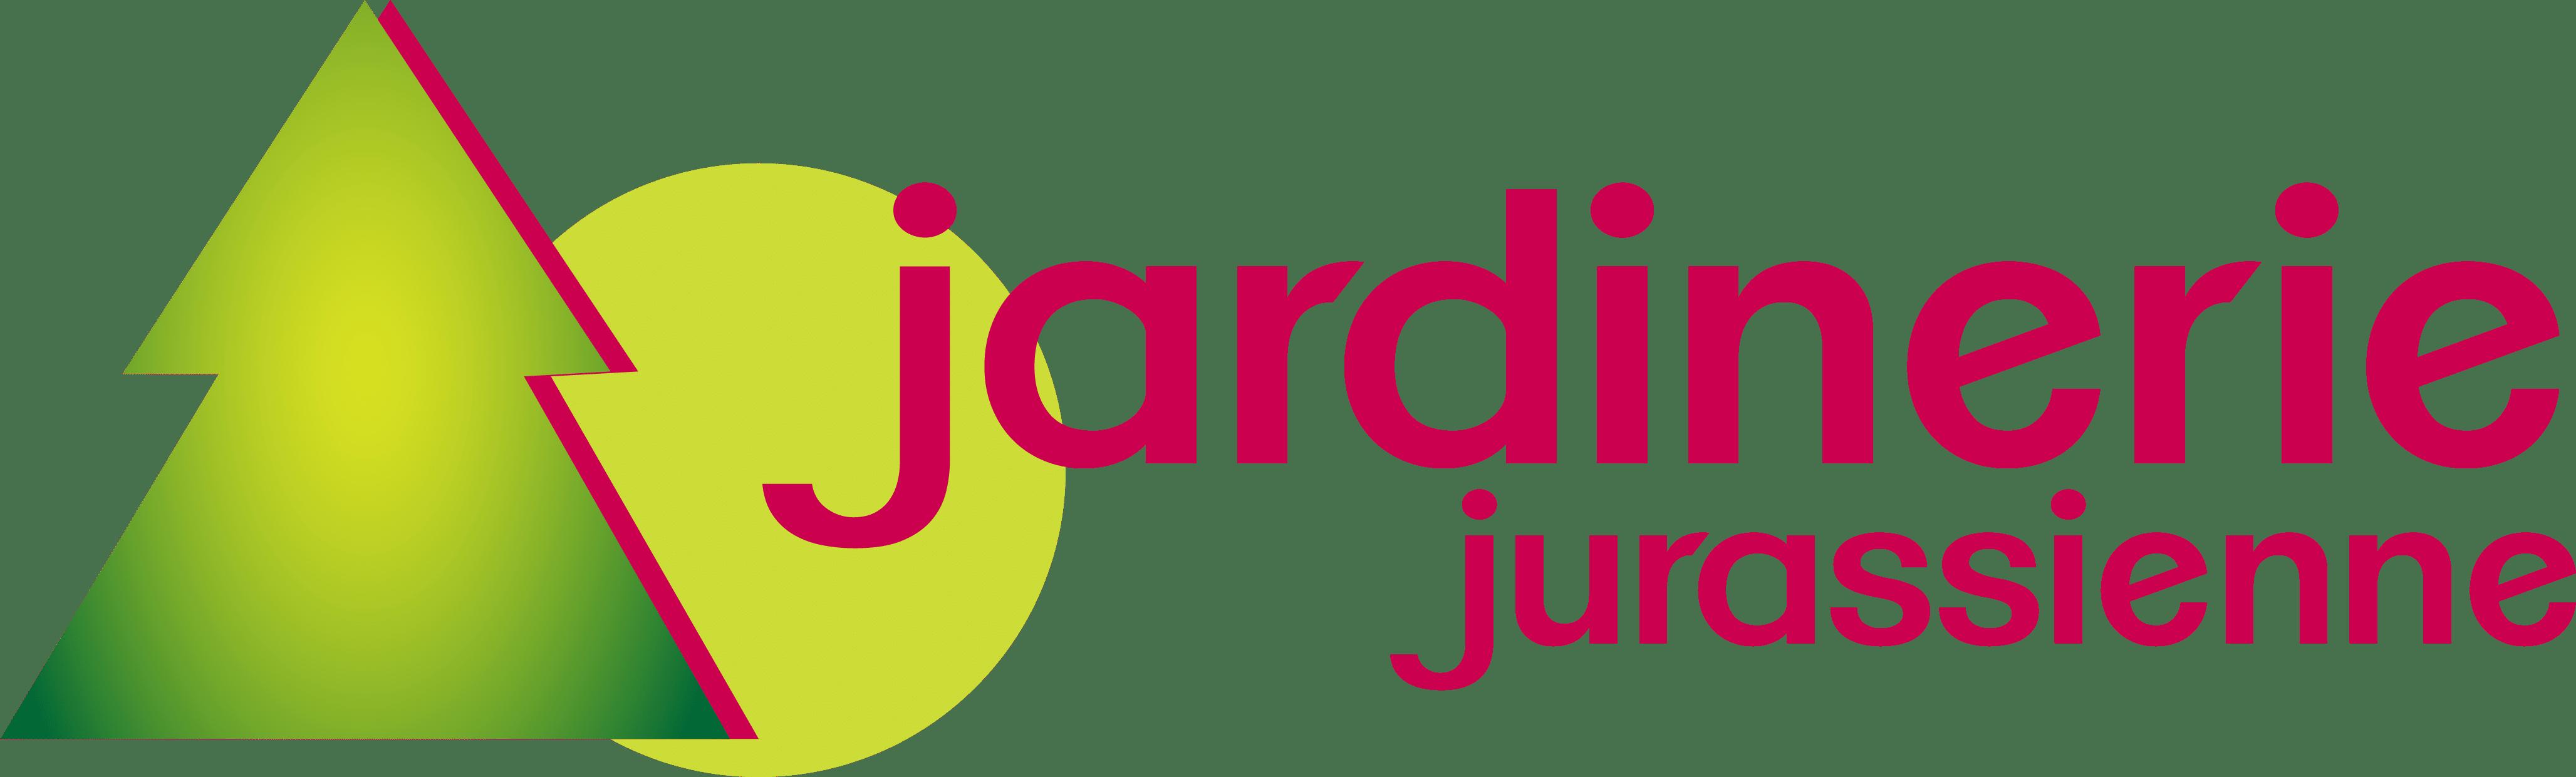 Jardinerie Jurassienne